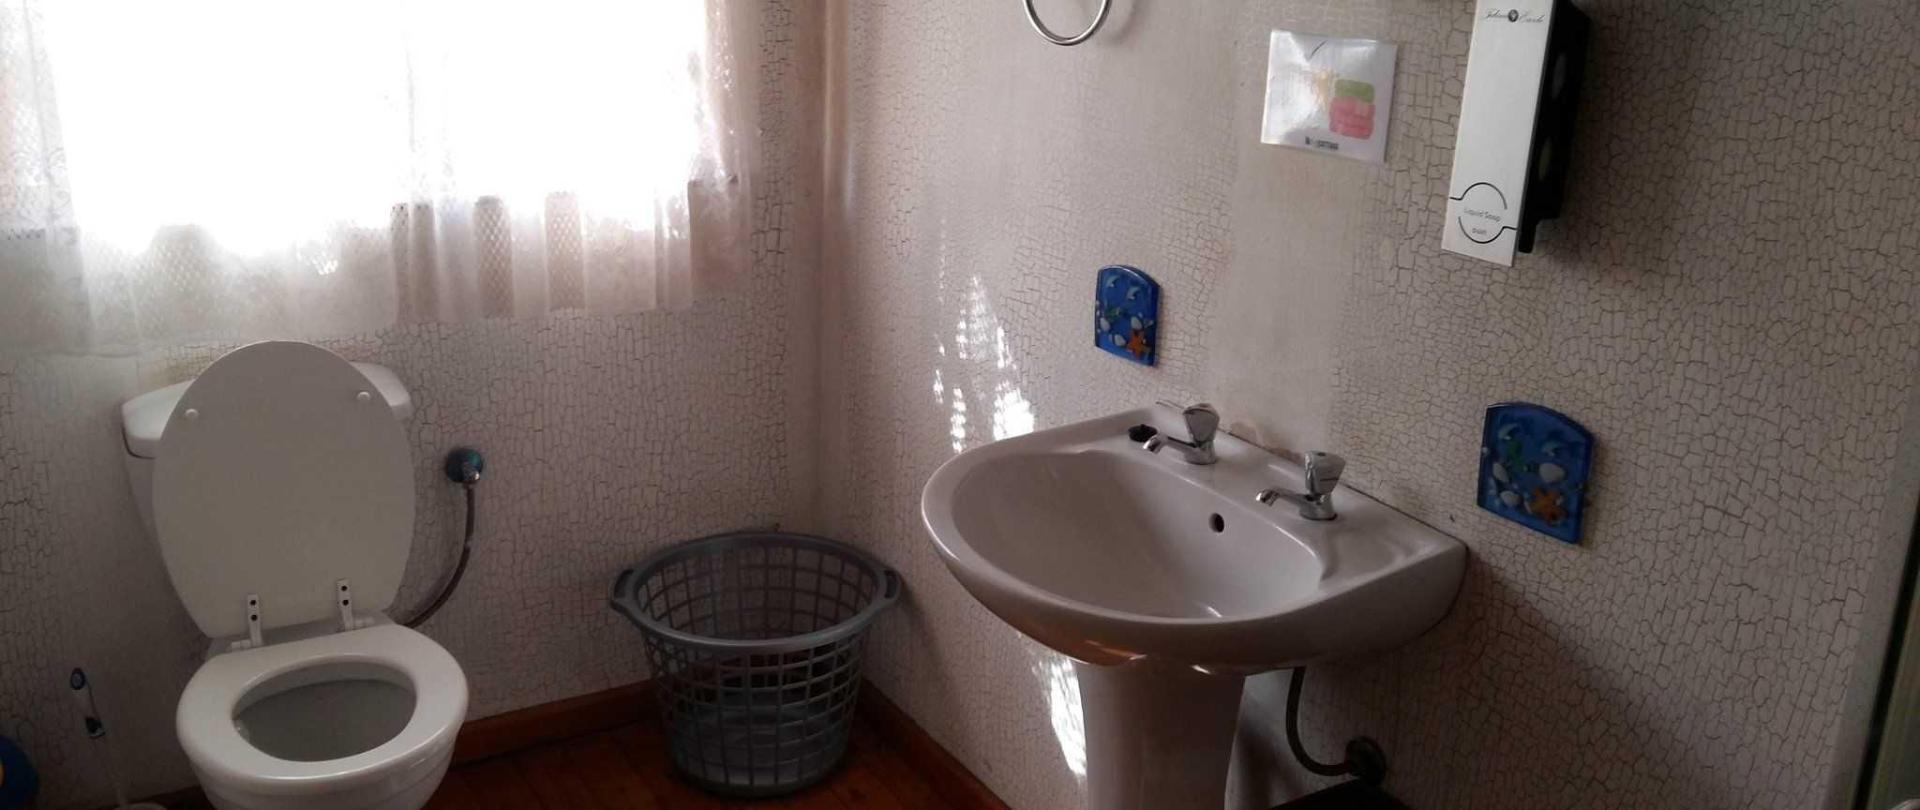 the-cottage-bathroom-1.jpg